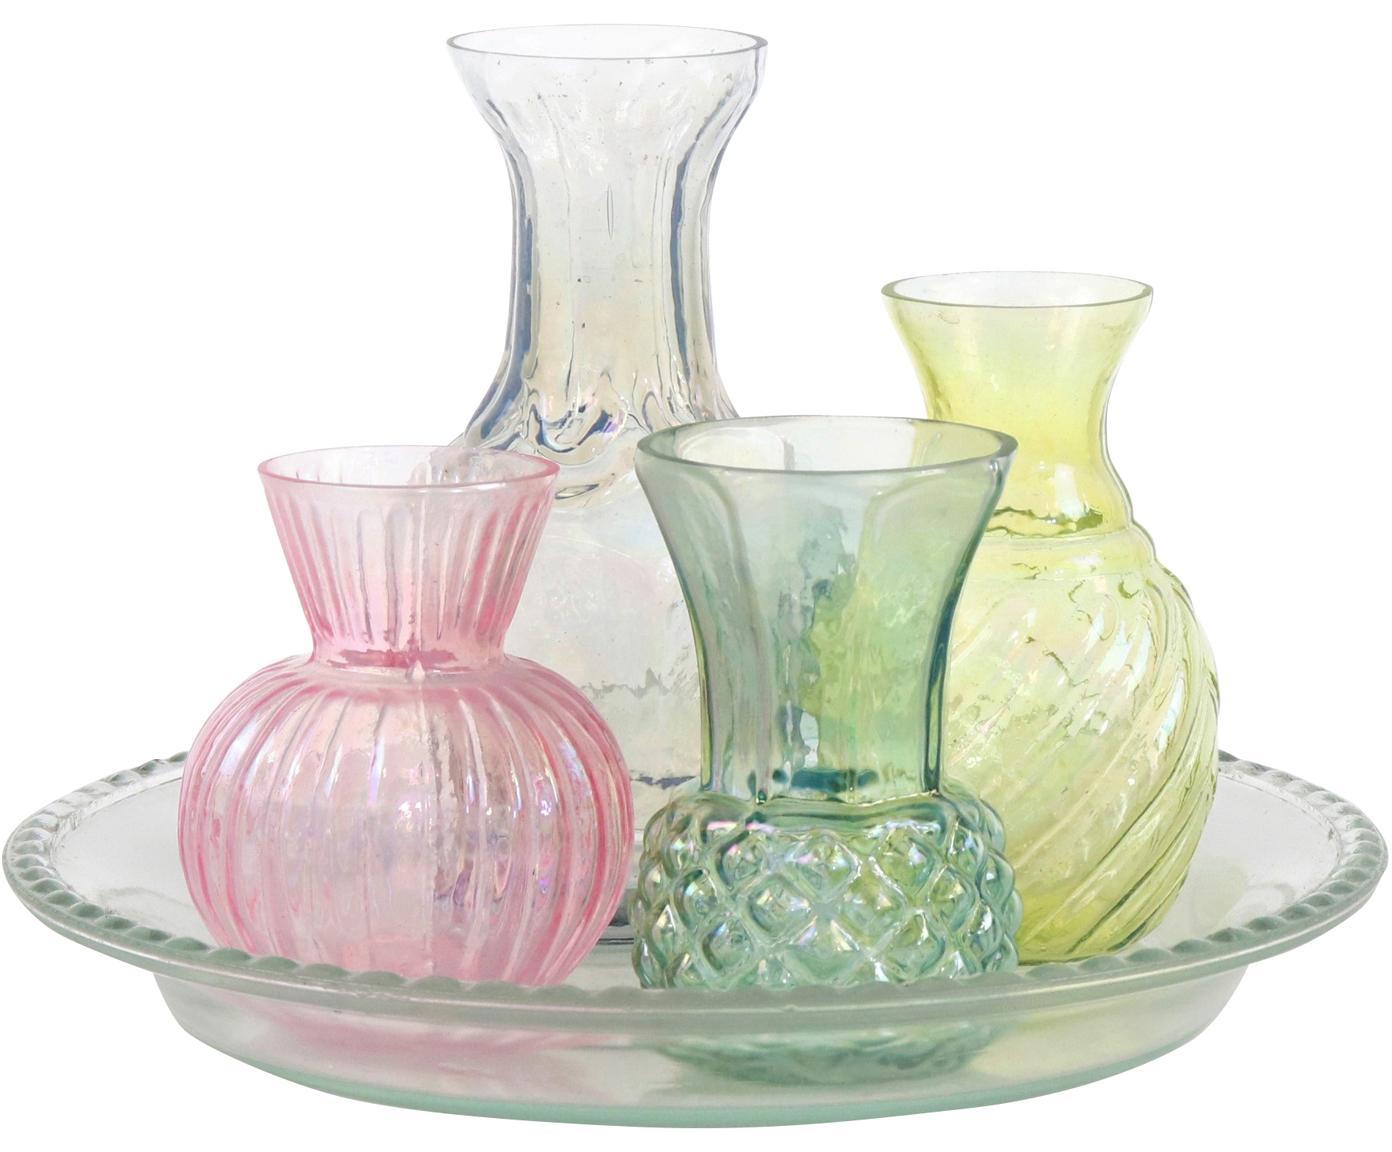 Set vasi in vetro Poesie 5 pz, Vetro, Multicolore, Set in varie misure